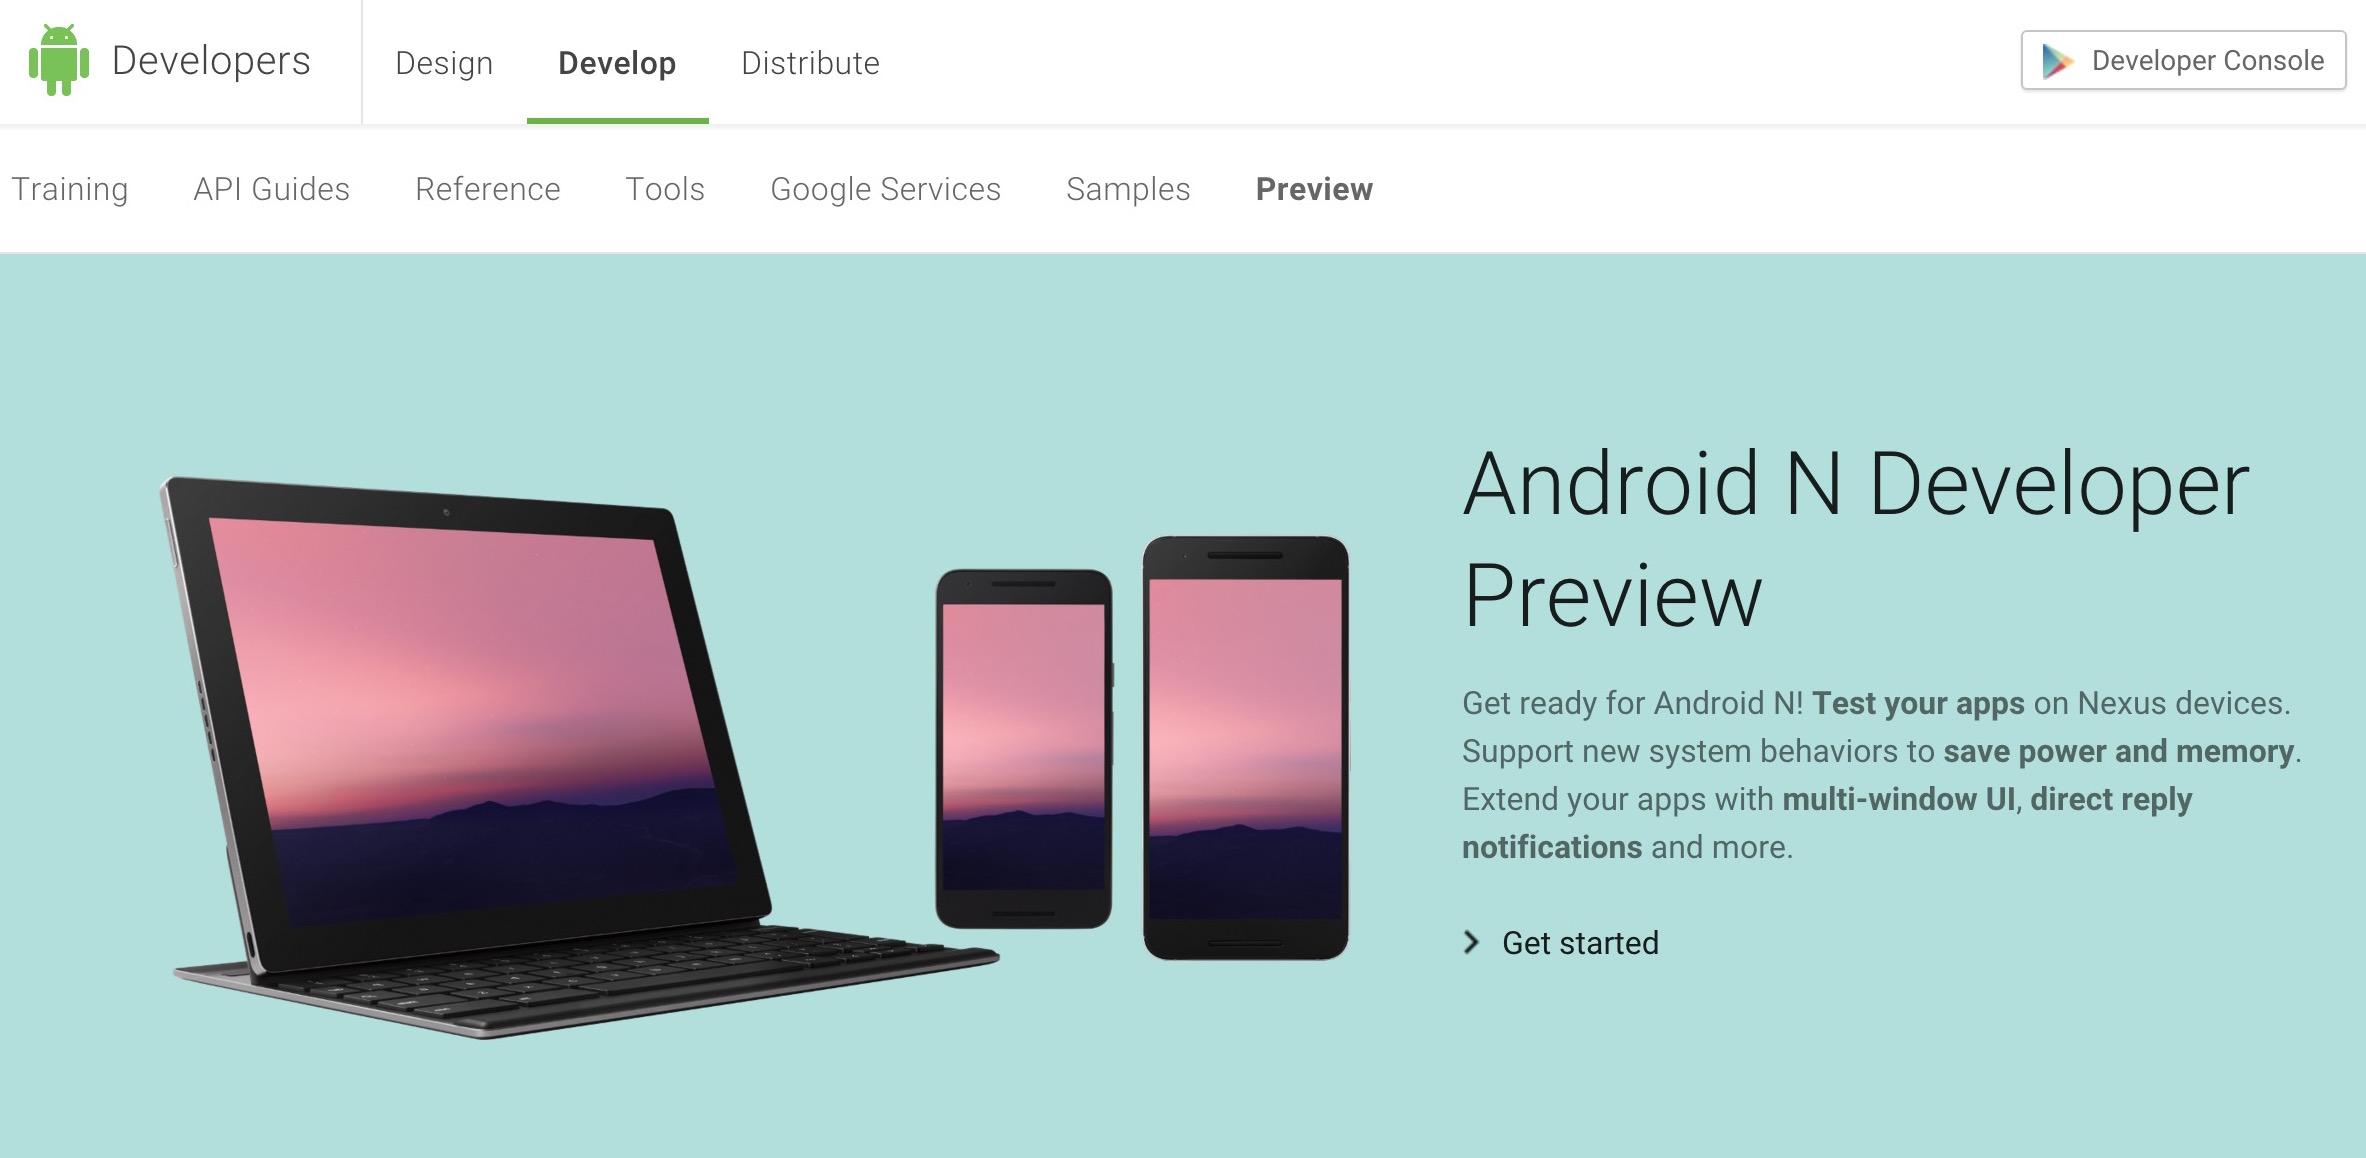 速報:グーグル、Android Nのデベロッパープレビューを公開、正式版は10月以降に